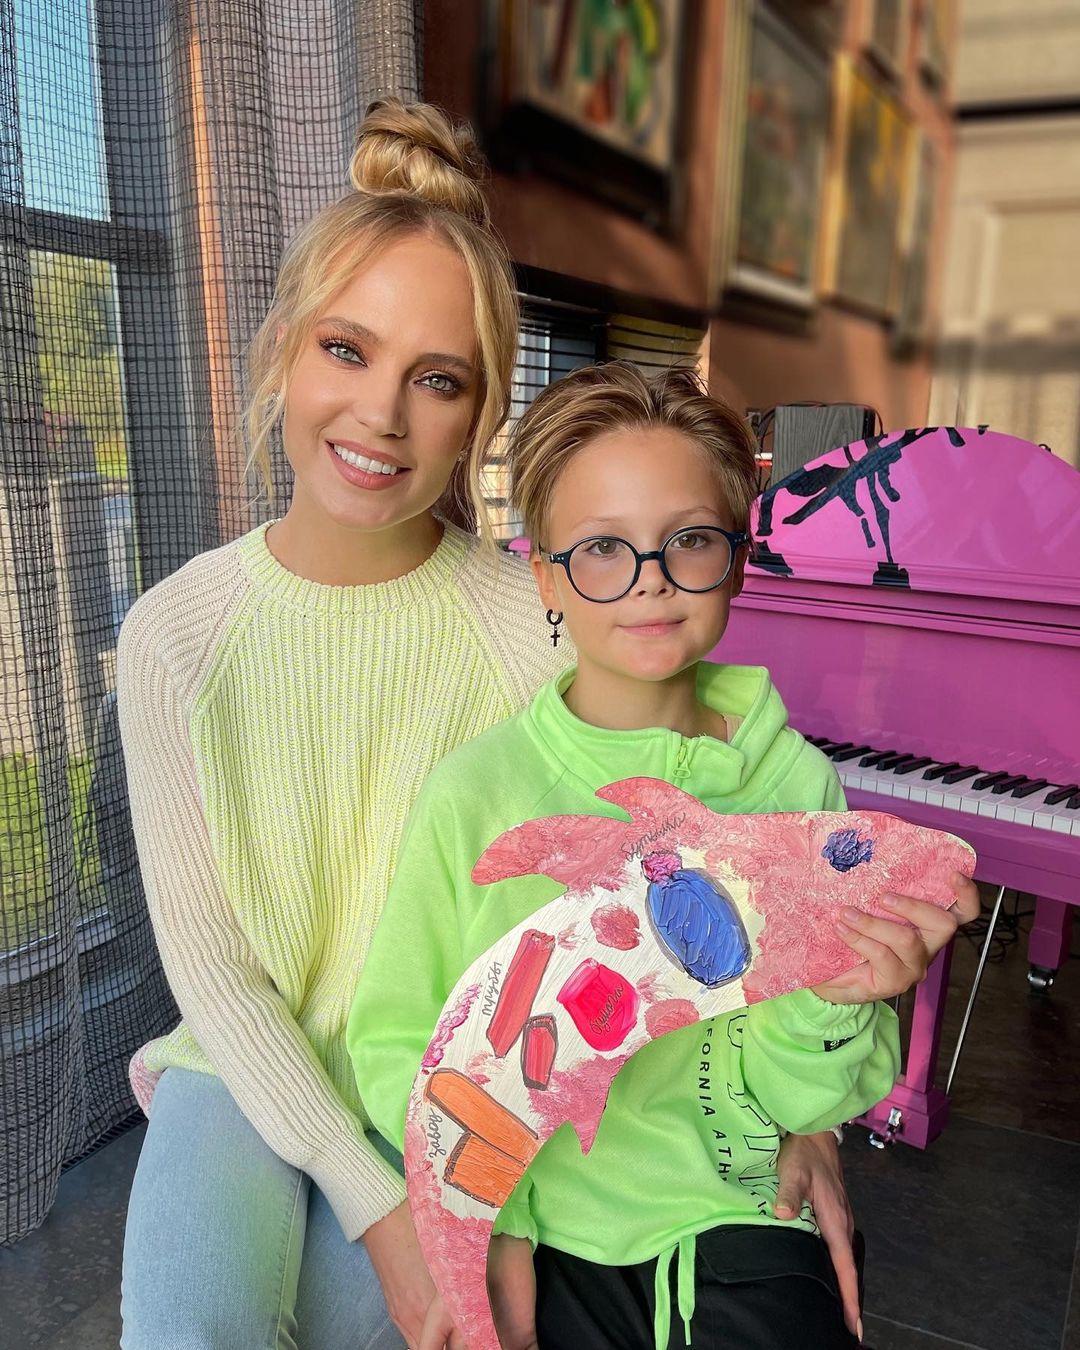 Певица Глюкоза: самый дорогой подарок для 10-летней дочки - первый поход в Макдональдс